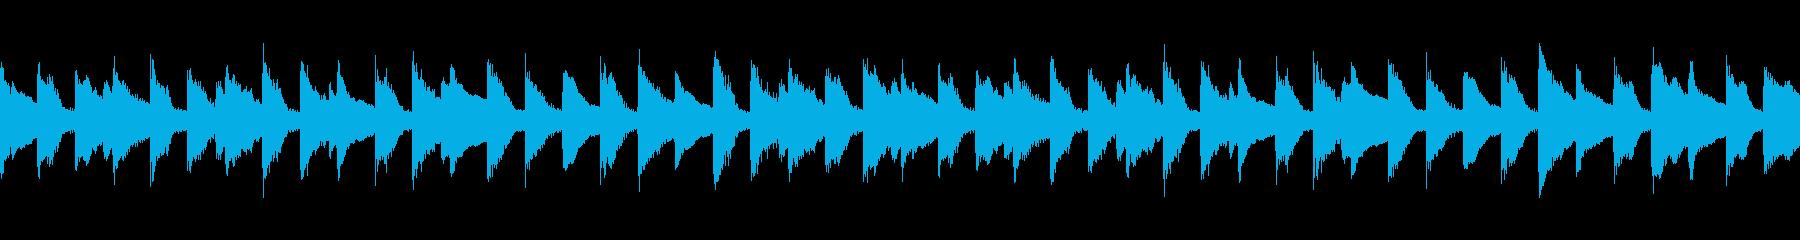 ピアノの旋律が印象的なワルツ調の再生済みの波形